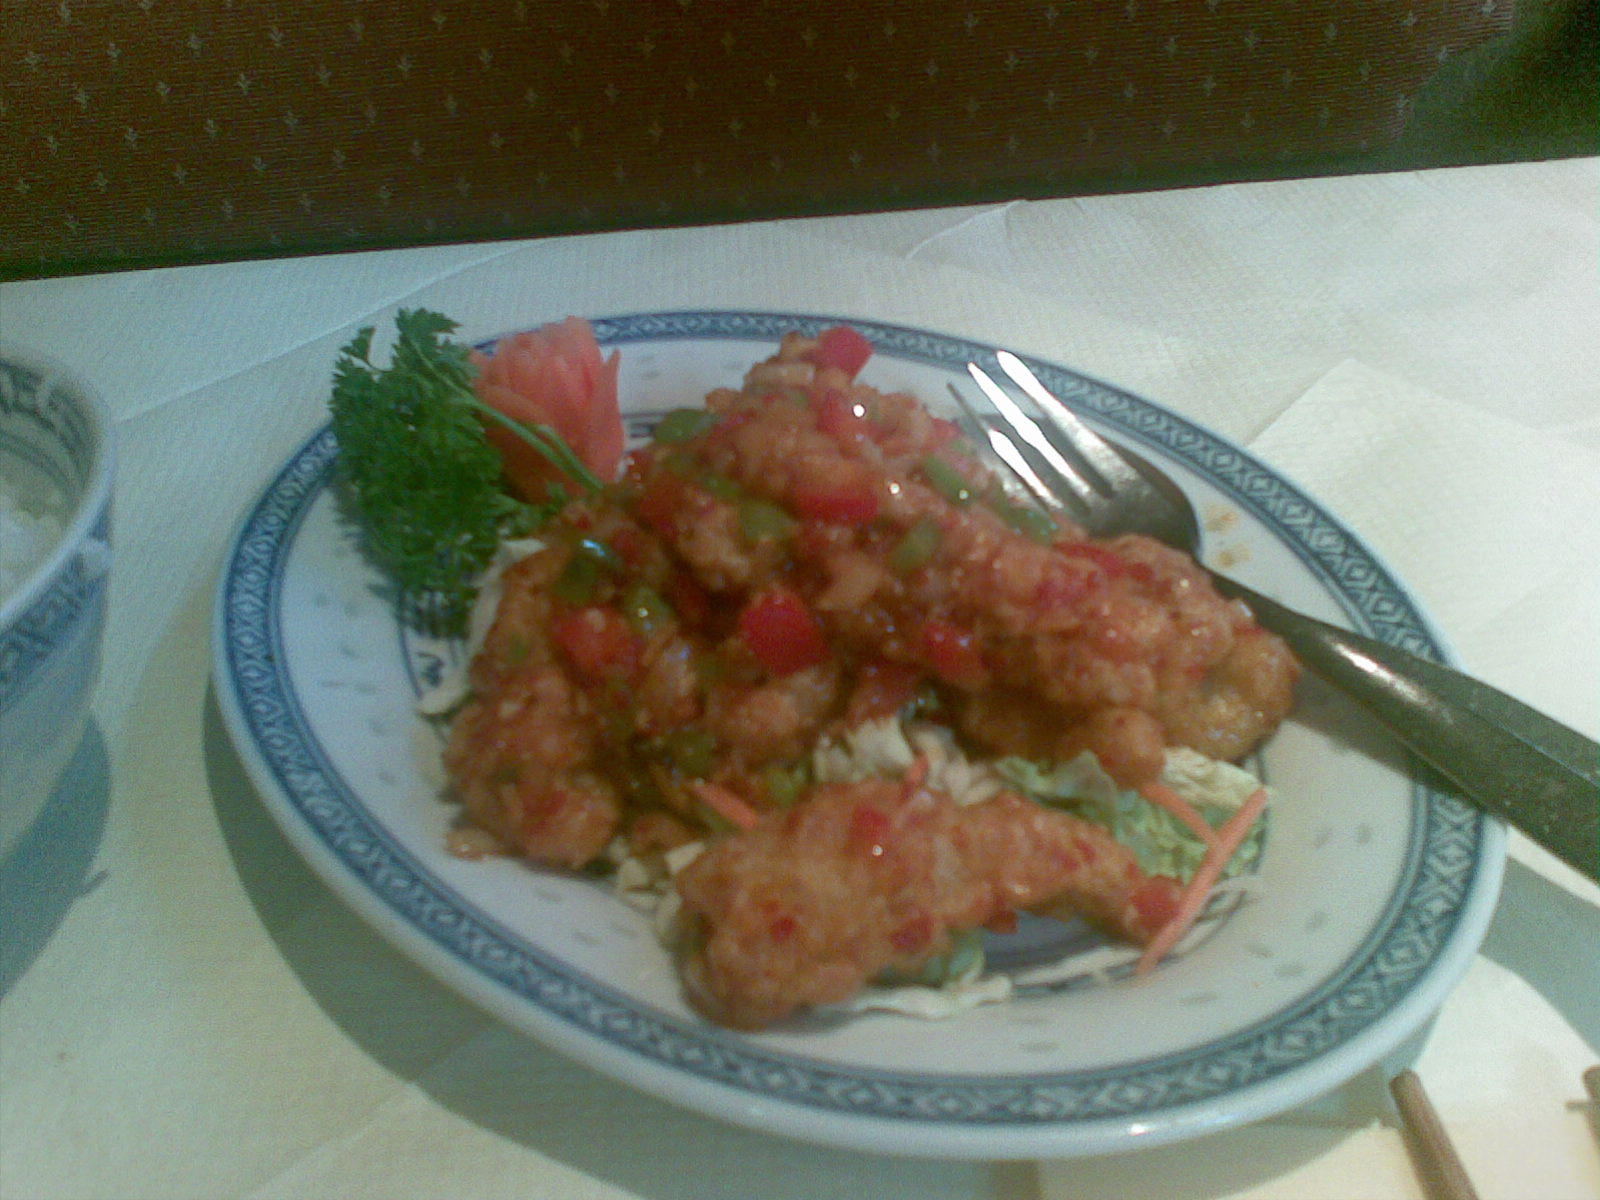 Ravintola China, Helsingfors: Mustekalaa pippurilla